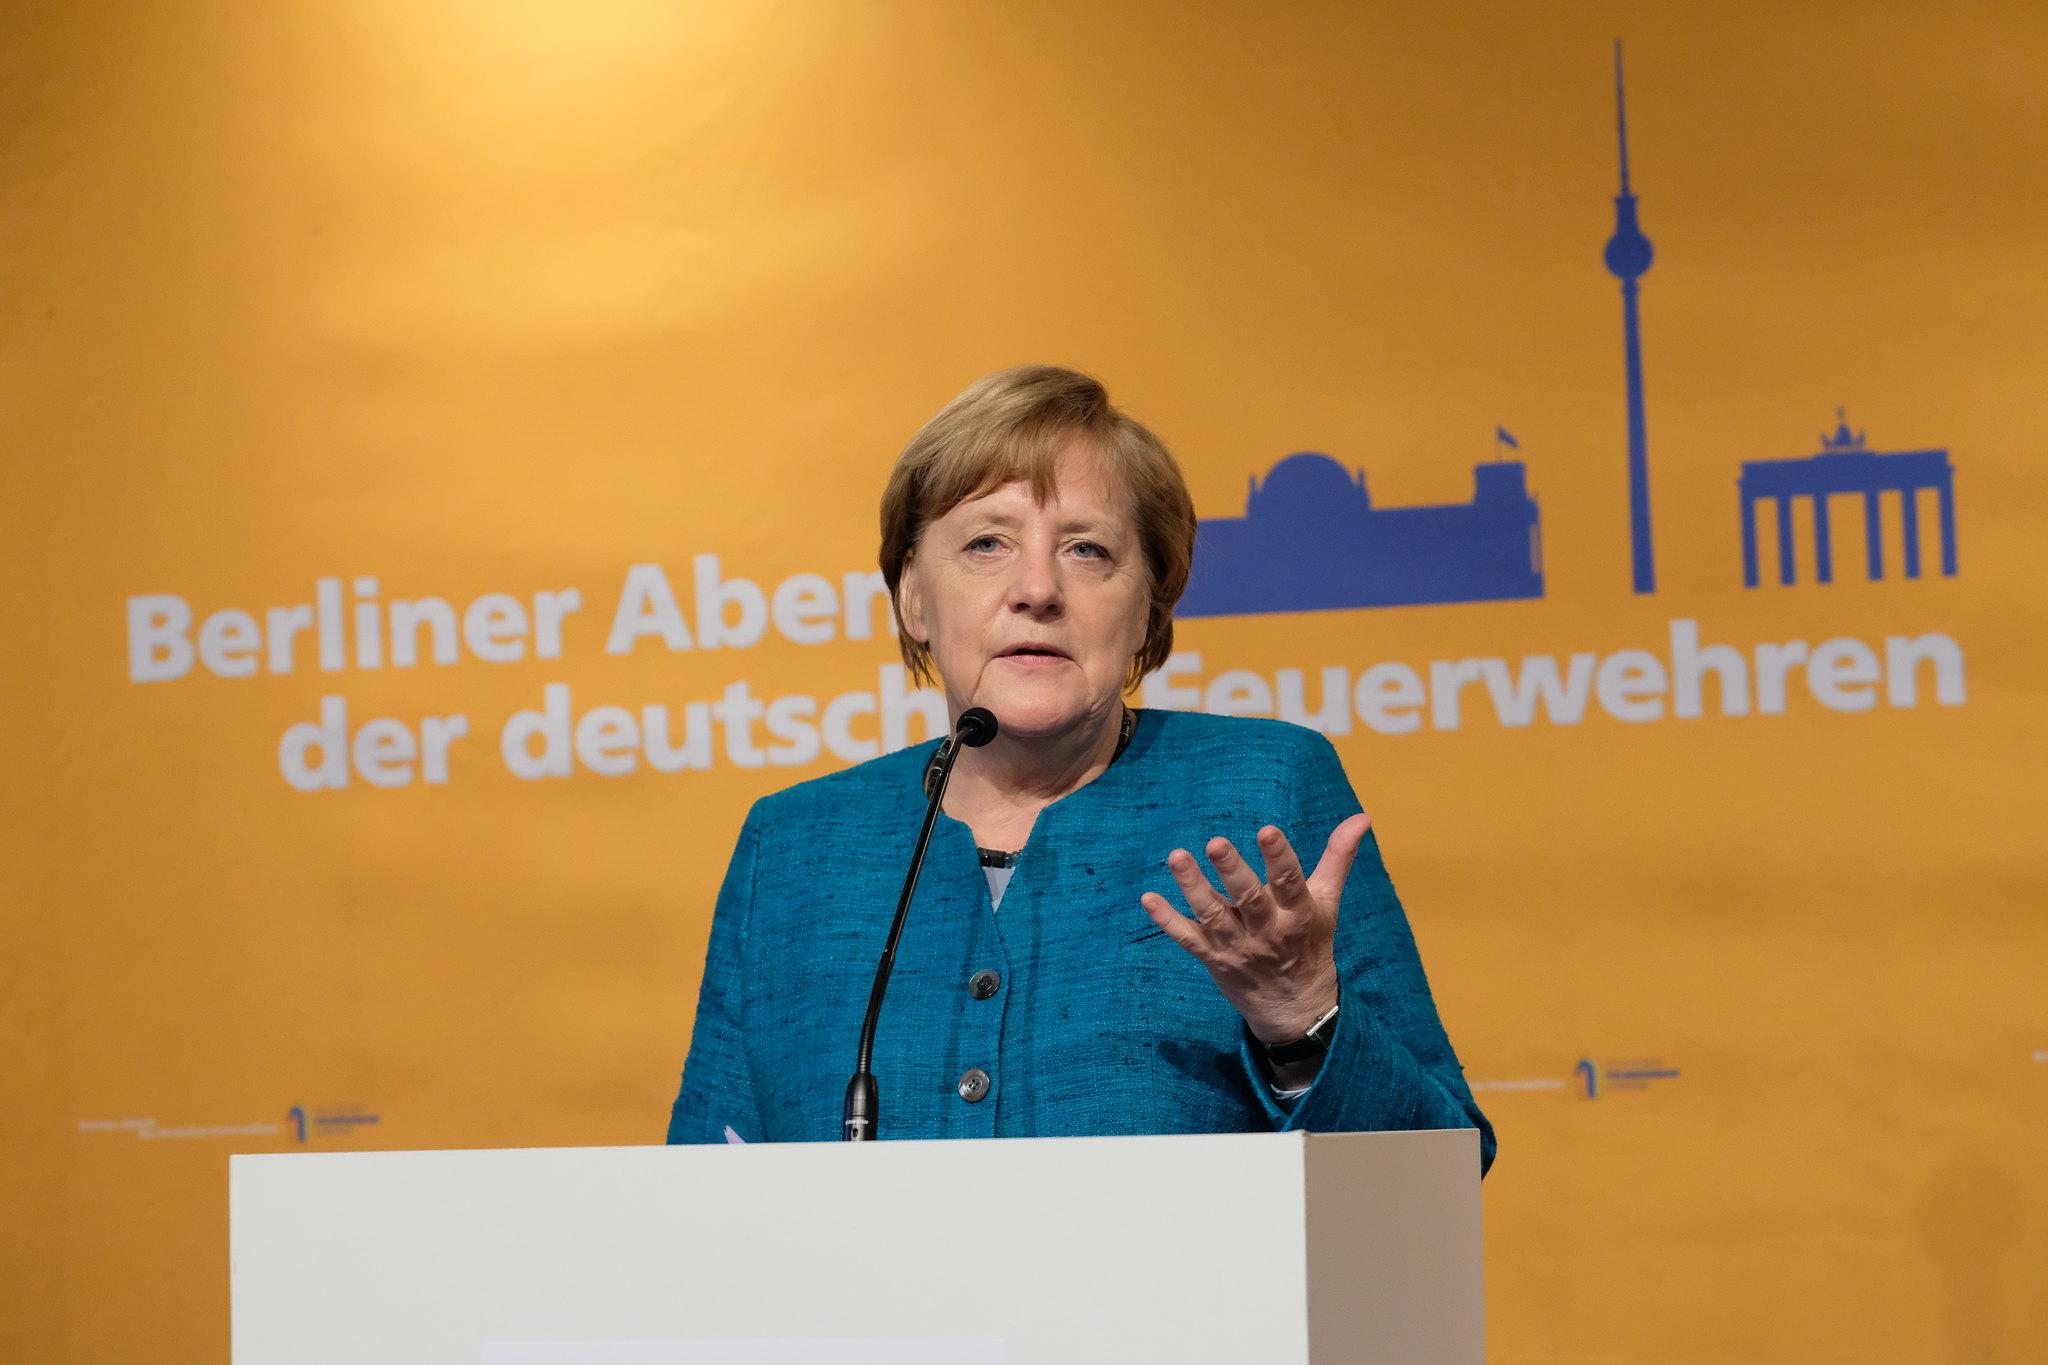 12. Berliner Abend der deutschen Feuerwehr - mit Bundeskanzlerin Angela Merkel